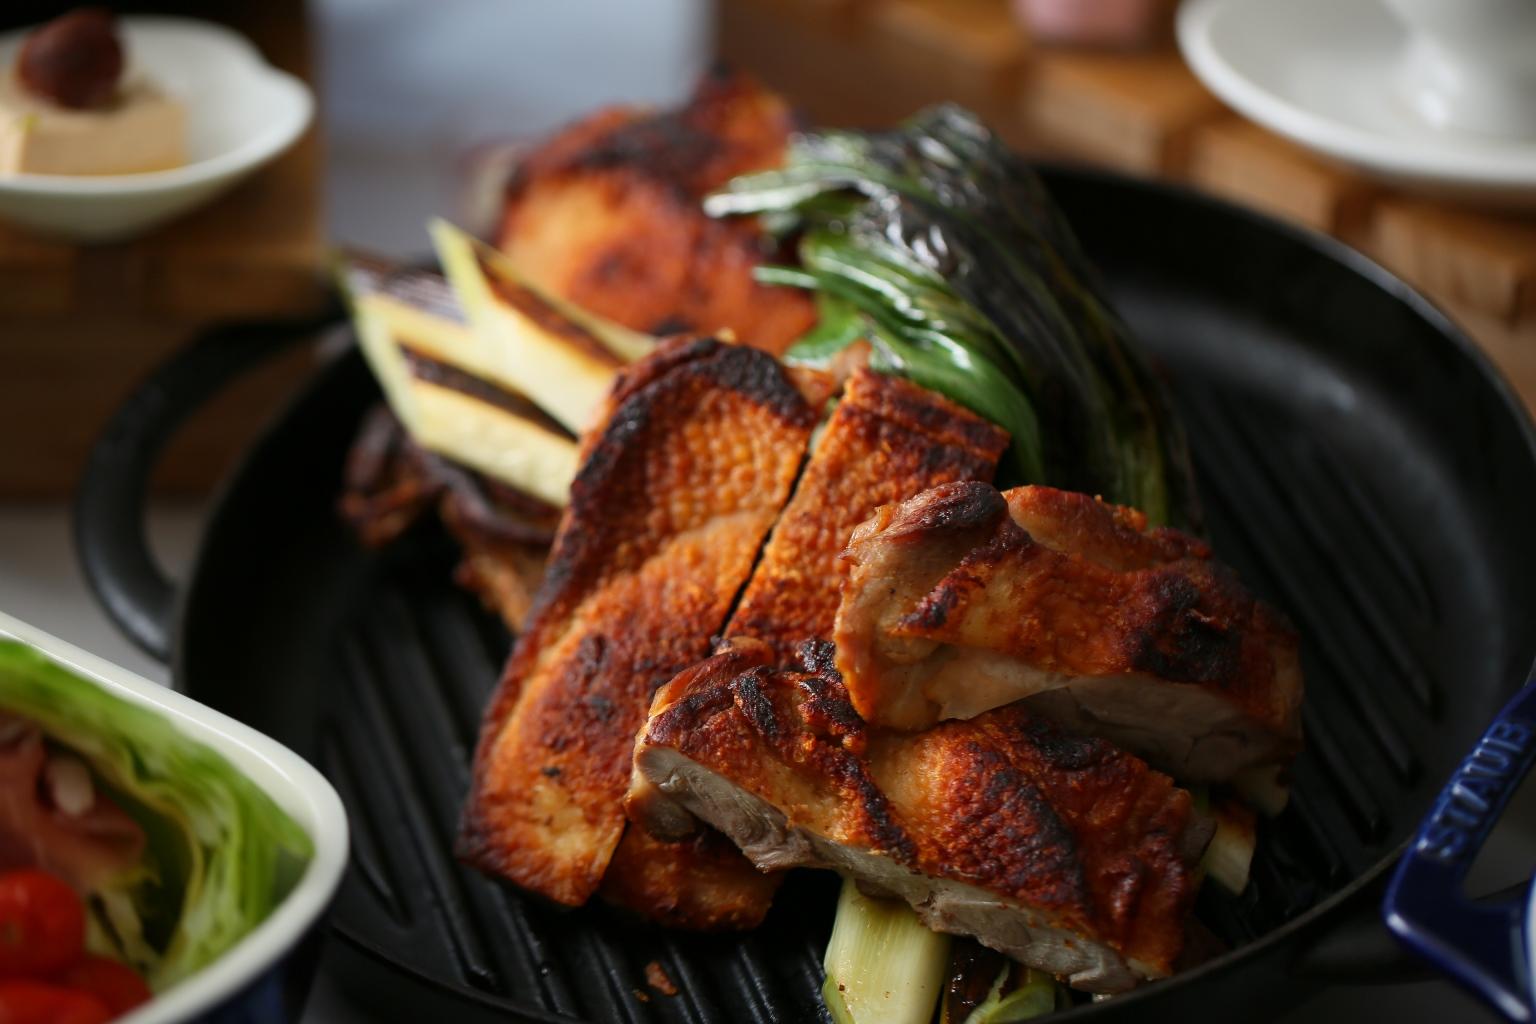 ストリングスホテル名古屋で『瀬戸内フェア』開催!約50種類のブッフェ料理を提供 - sub3